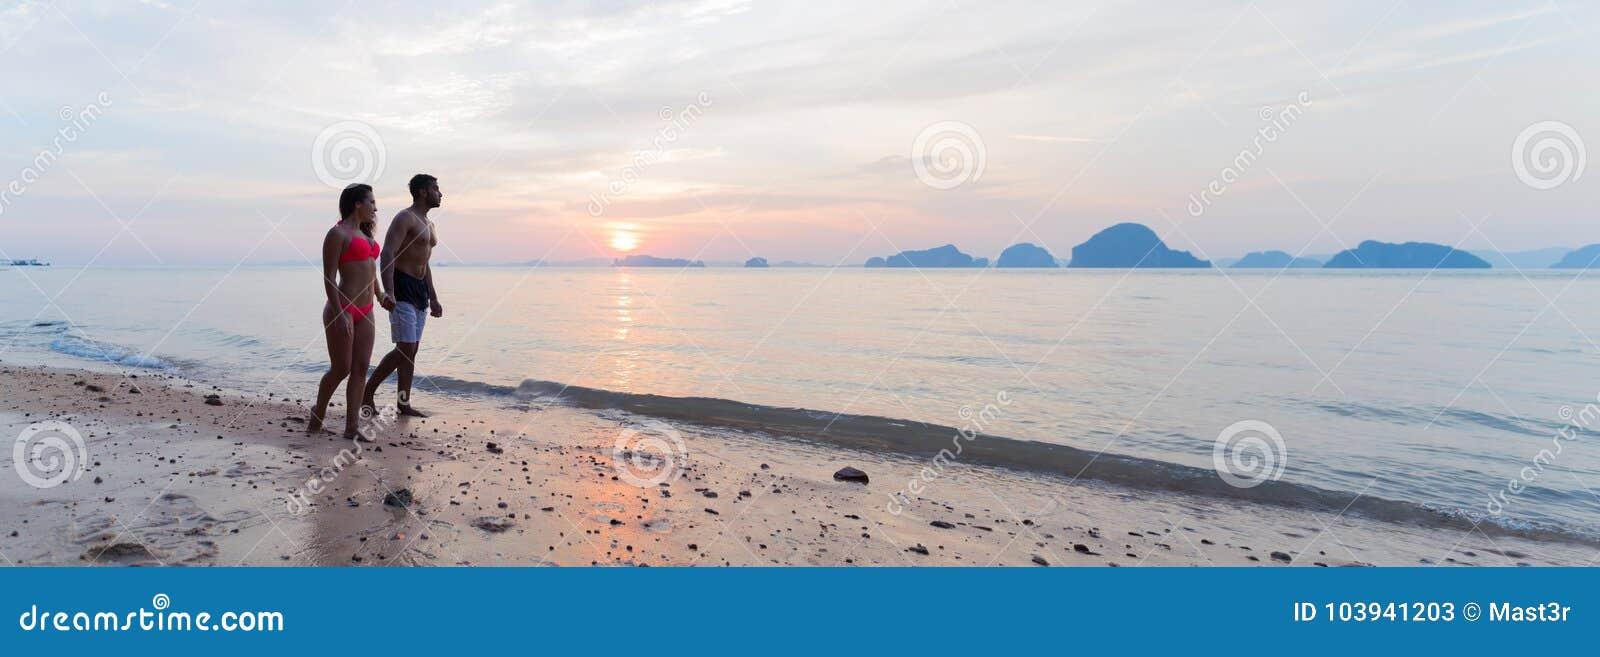 Пары держа руки идя на пляж на заходе солнца, молодом туристском человеке и женщине на празднике моря